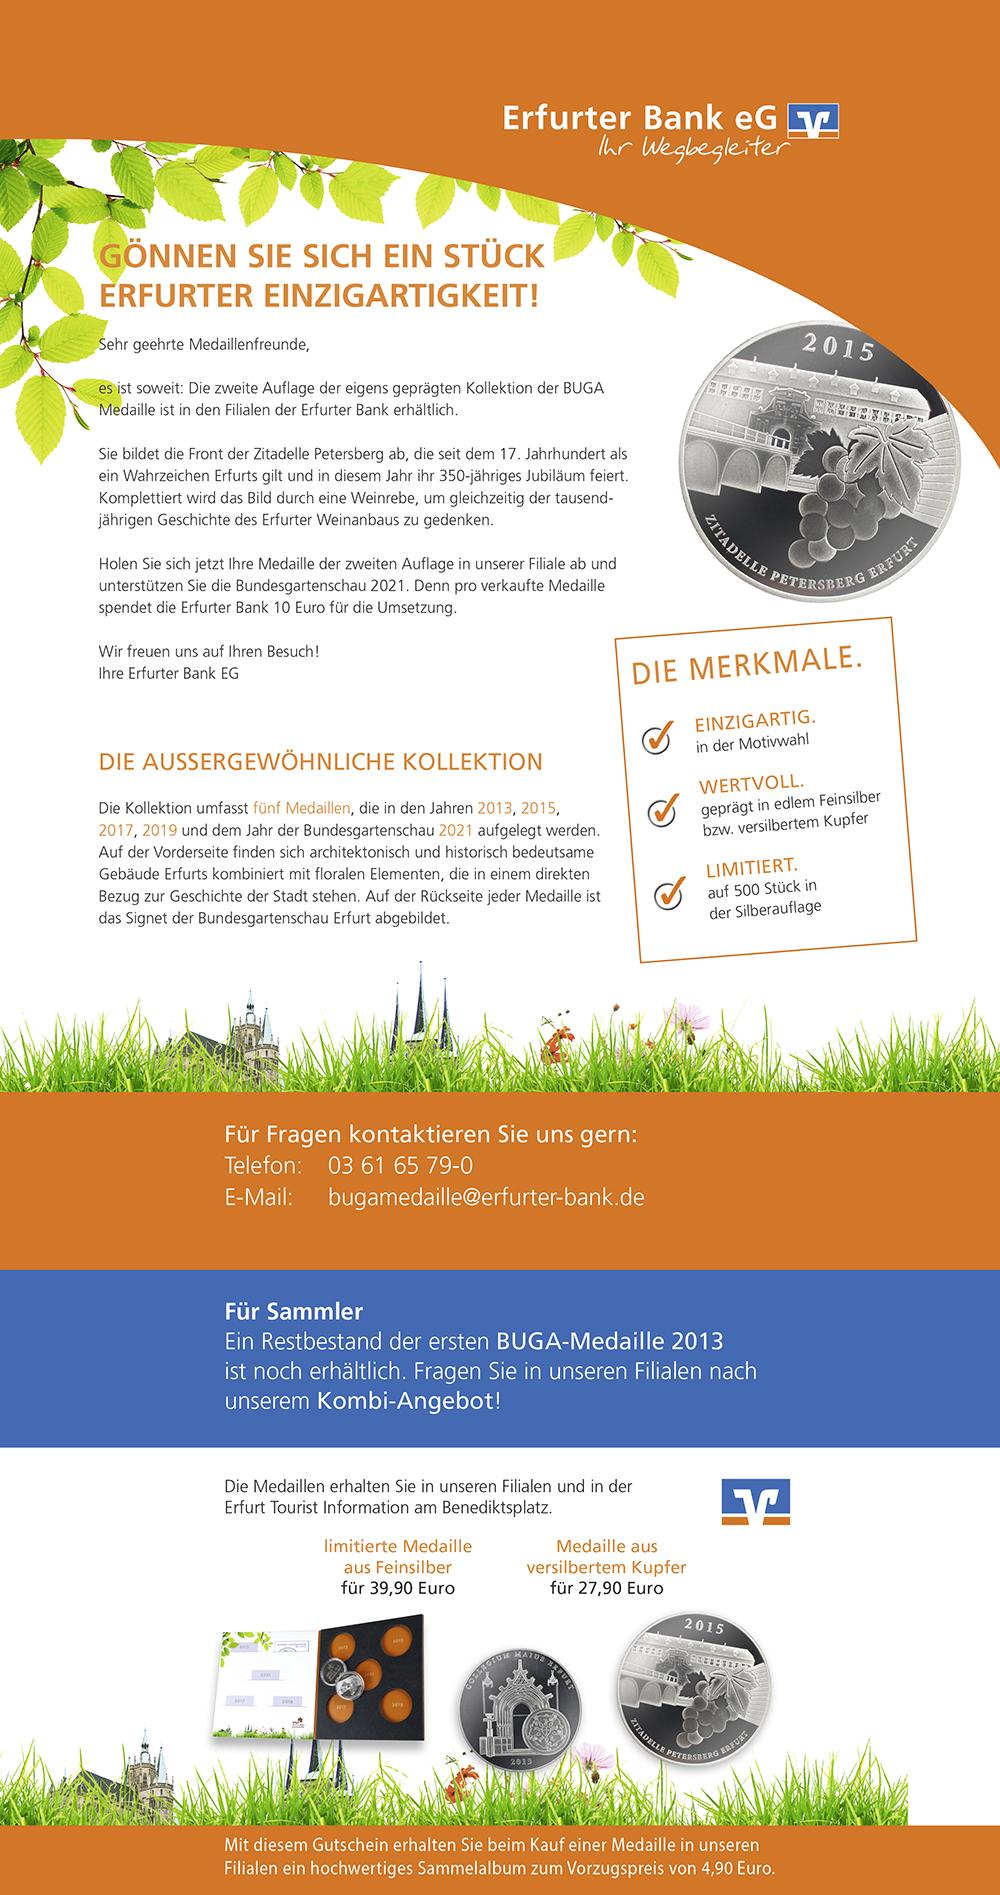 Selfmailer ErfurterBank BUGA 080615.indd